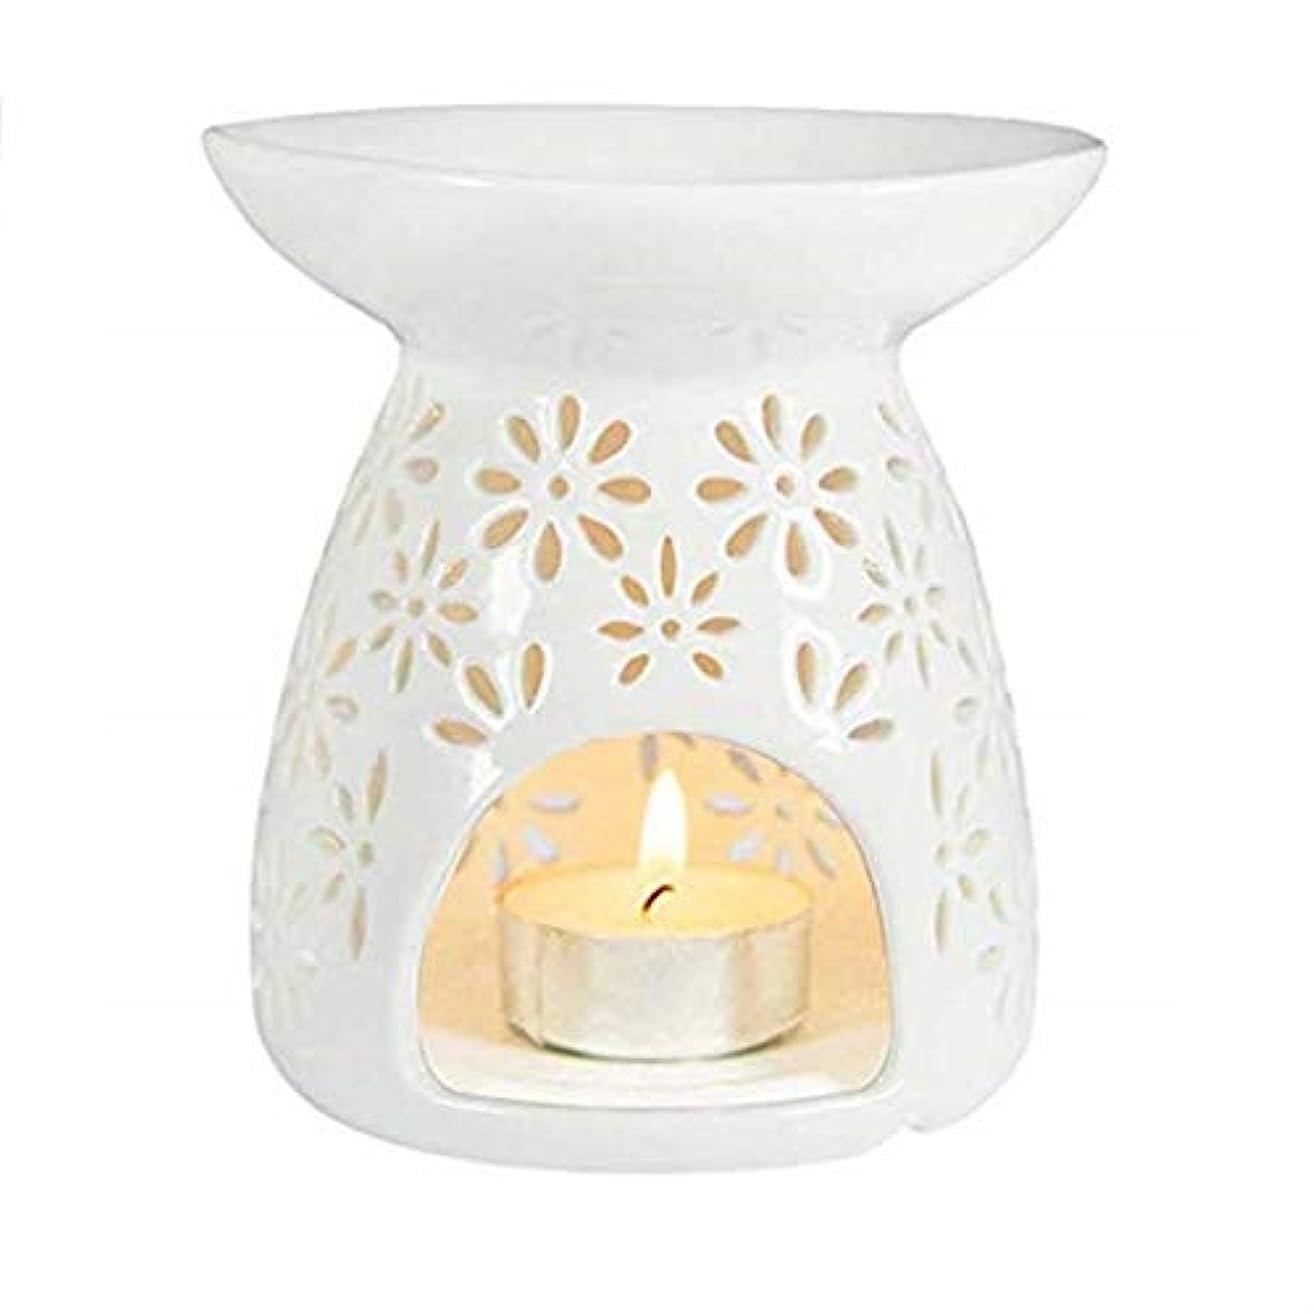 小麦ショッキング争いシンプルモダン中空ラウンドセラミック香炉ホームフレグランスギフト装飾香ホルダーオイルバーナーティーライトホルダー (Color : White, サイズ : 3.74*3.93inchs)